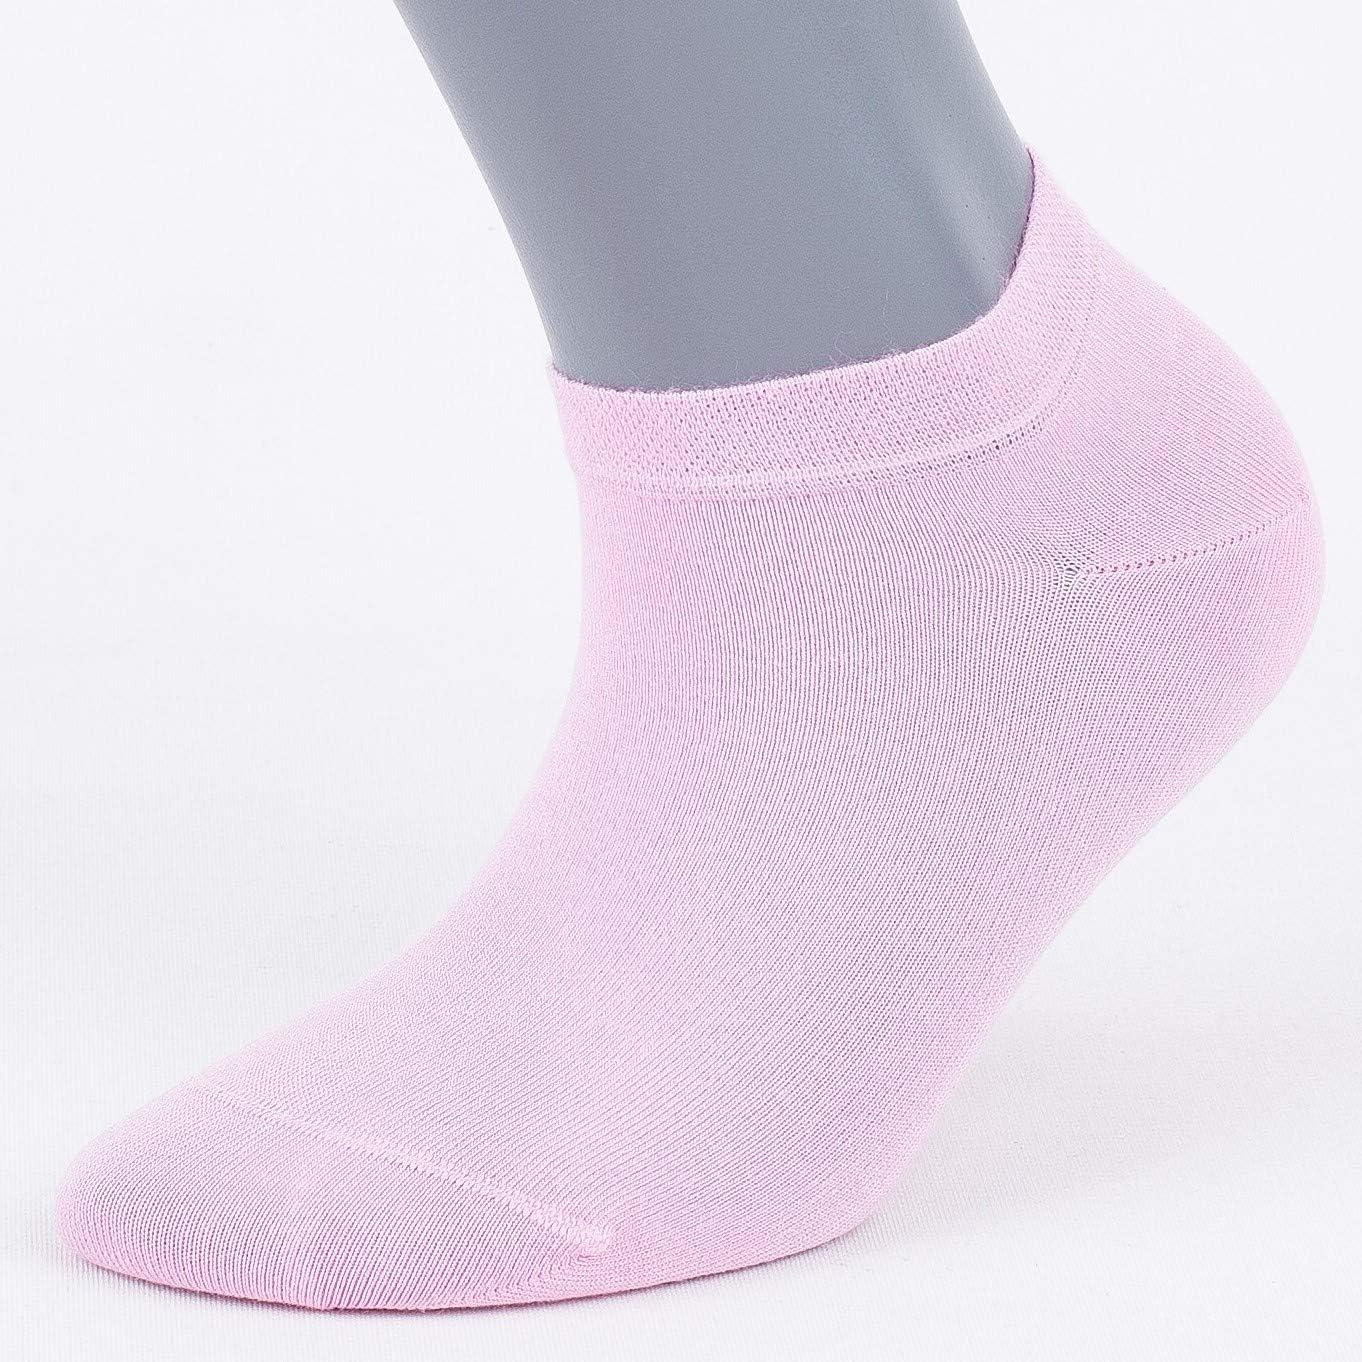 Wishsox Socquettes en bambou pour hommes femmes Chaussettes courtes confortables respirantes douces lot de 4 paires Bamboo invisible sneaker ankle socks